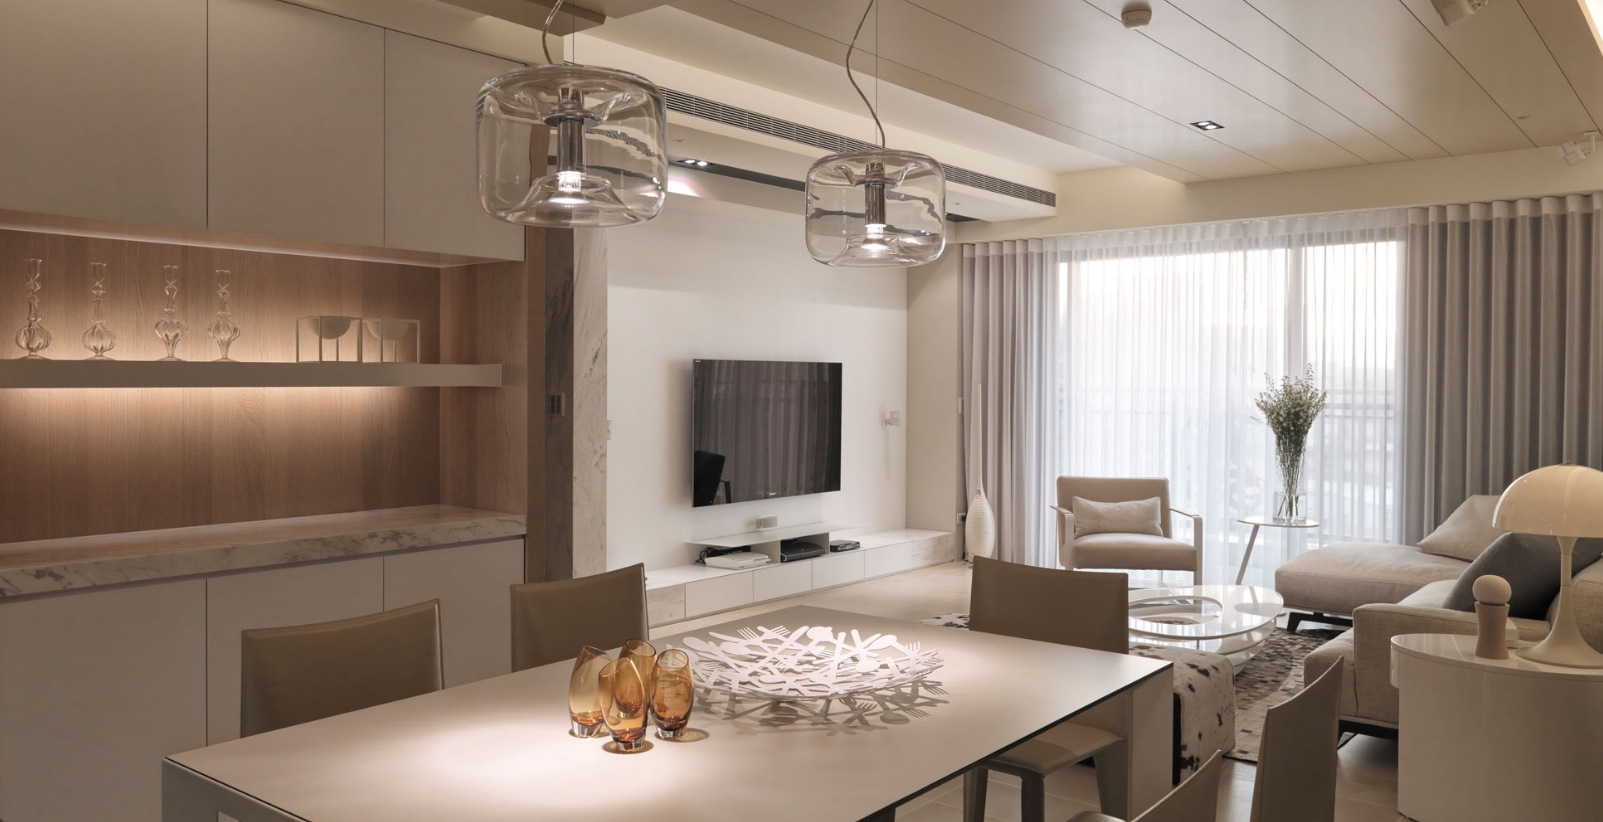 mini appartamenti: 5 soluzioni sorprendenti dai 40 ai 50 mq - casa.it - Idee Ristrutturare Casa